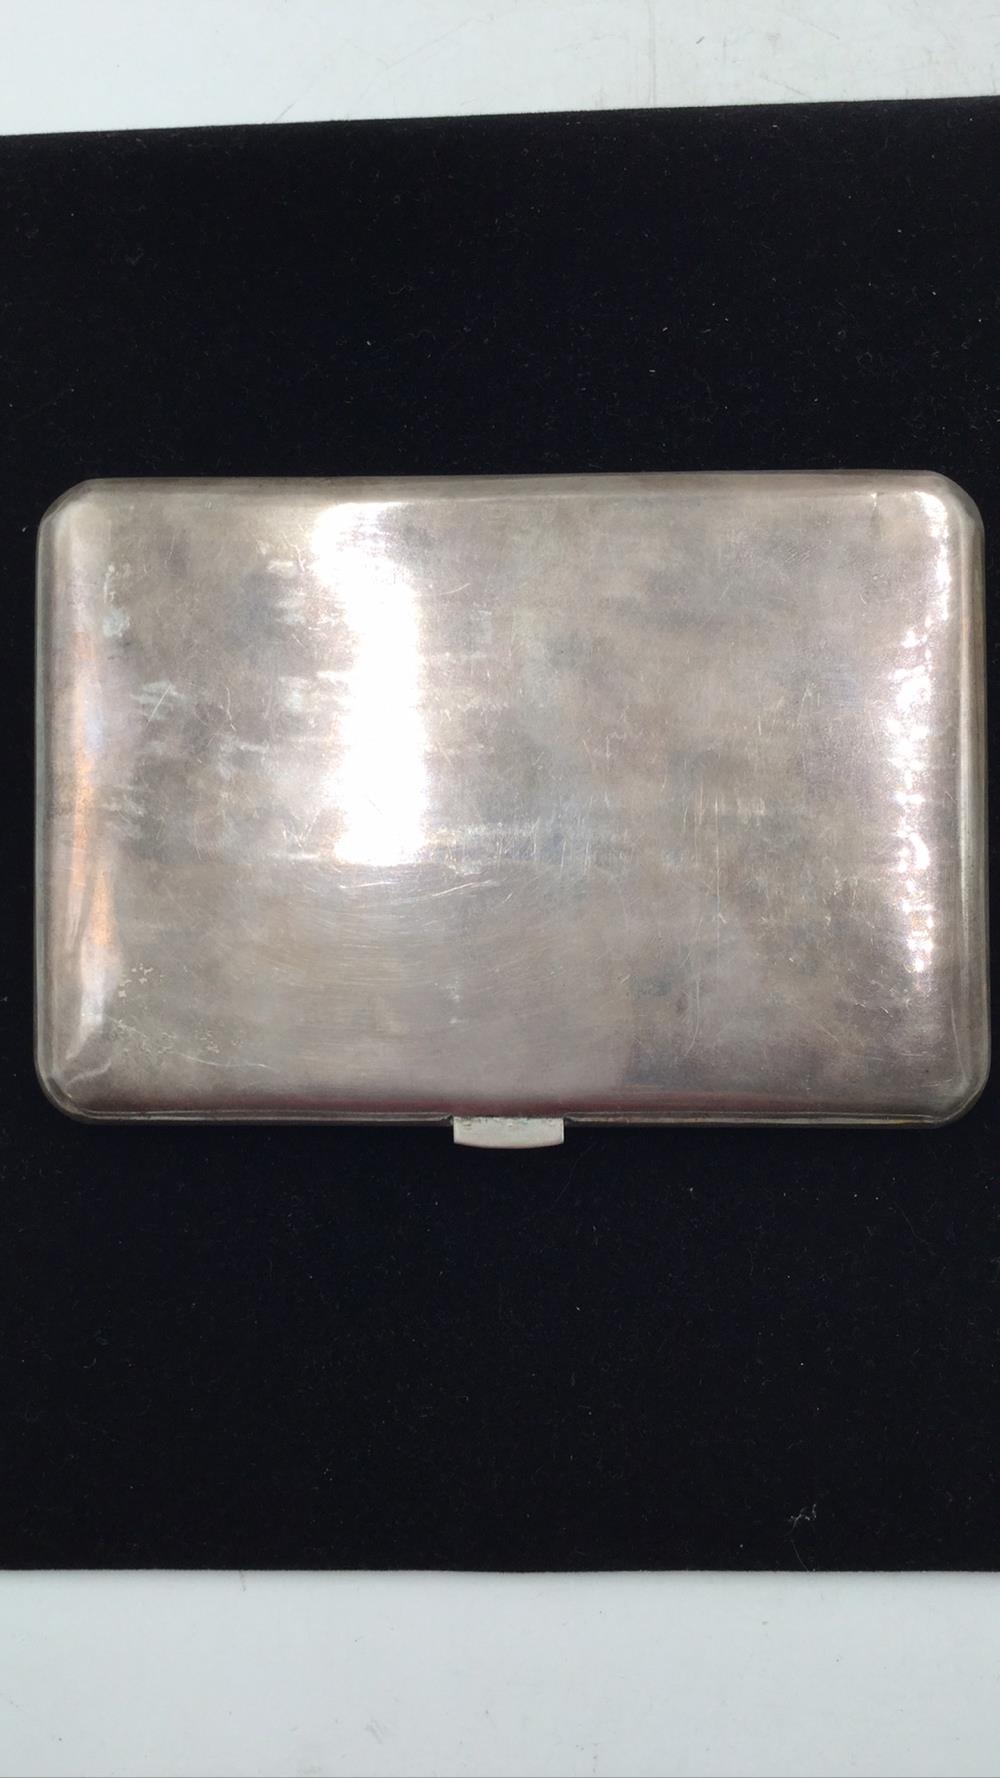 Antique post WWll silver cigarette case